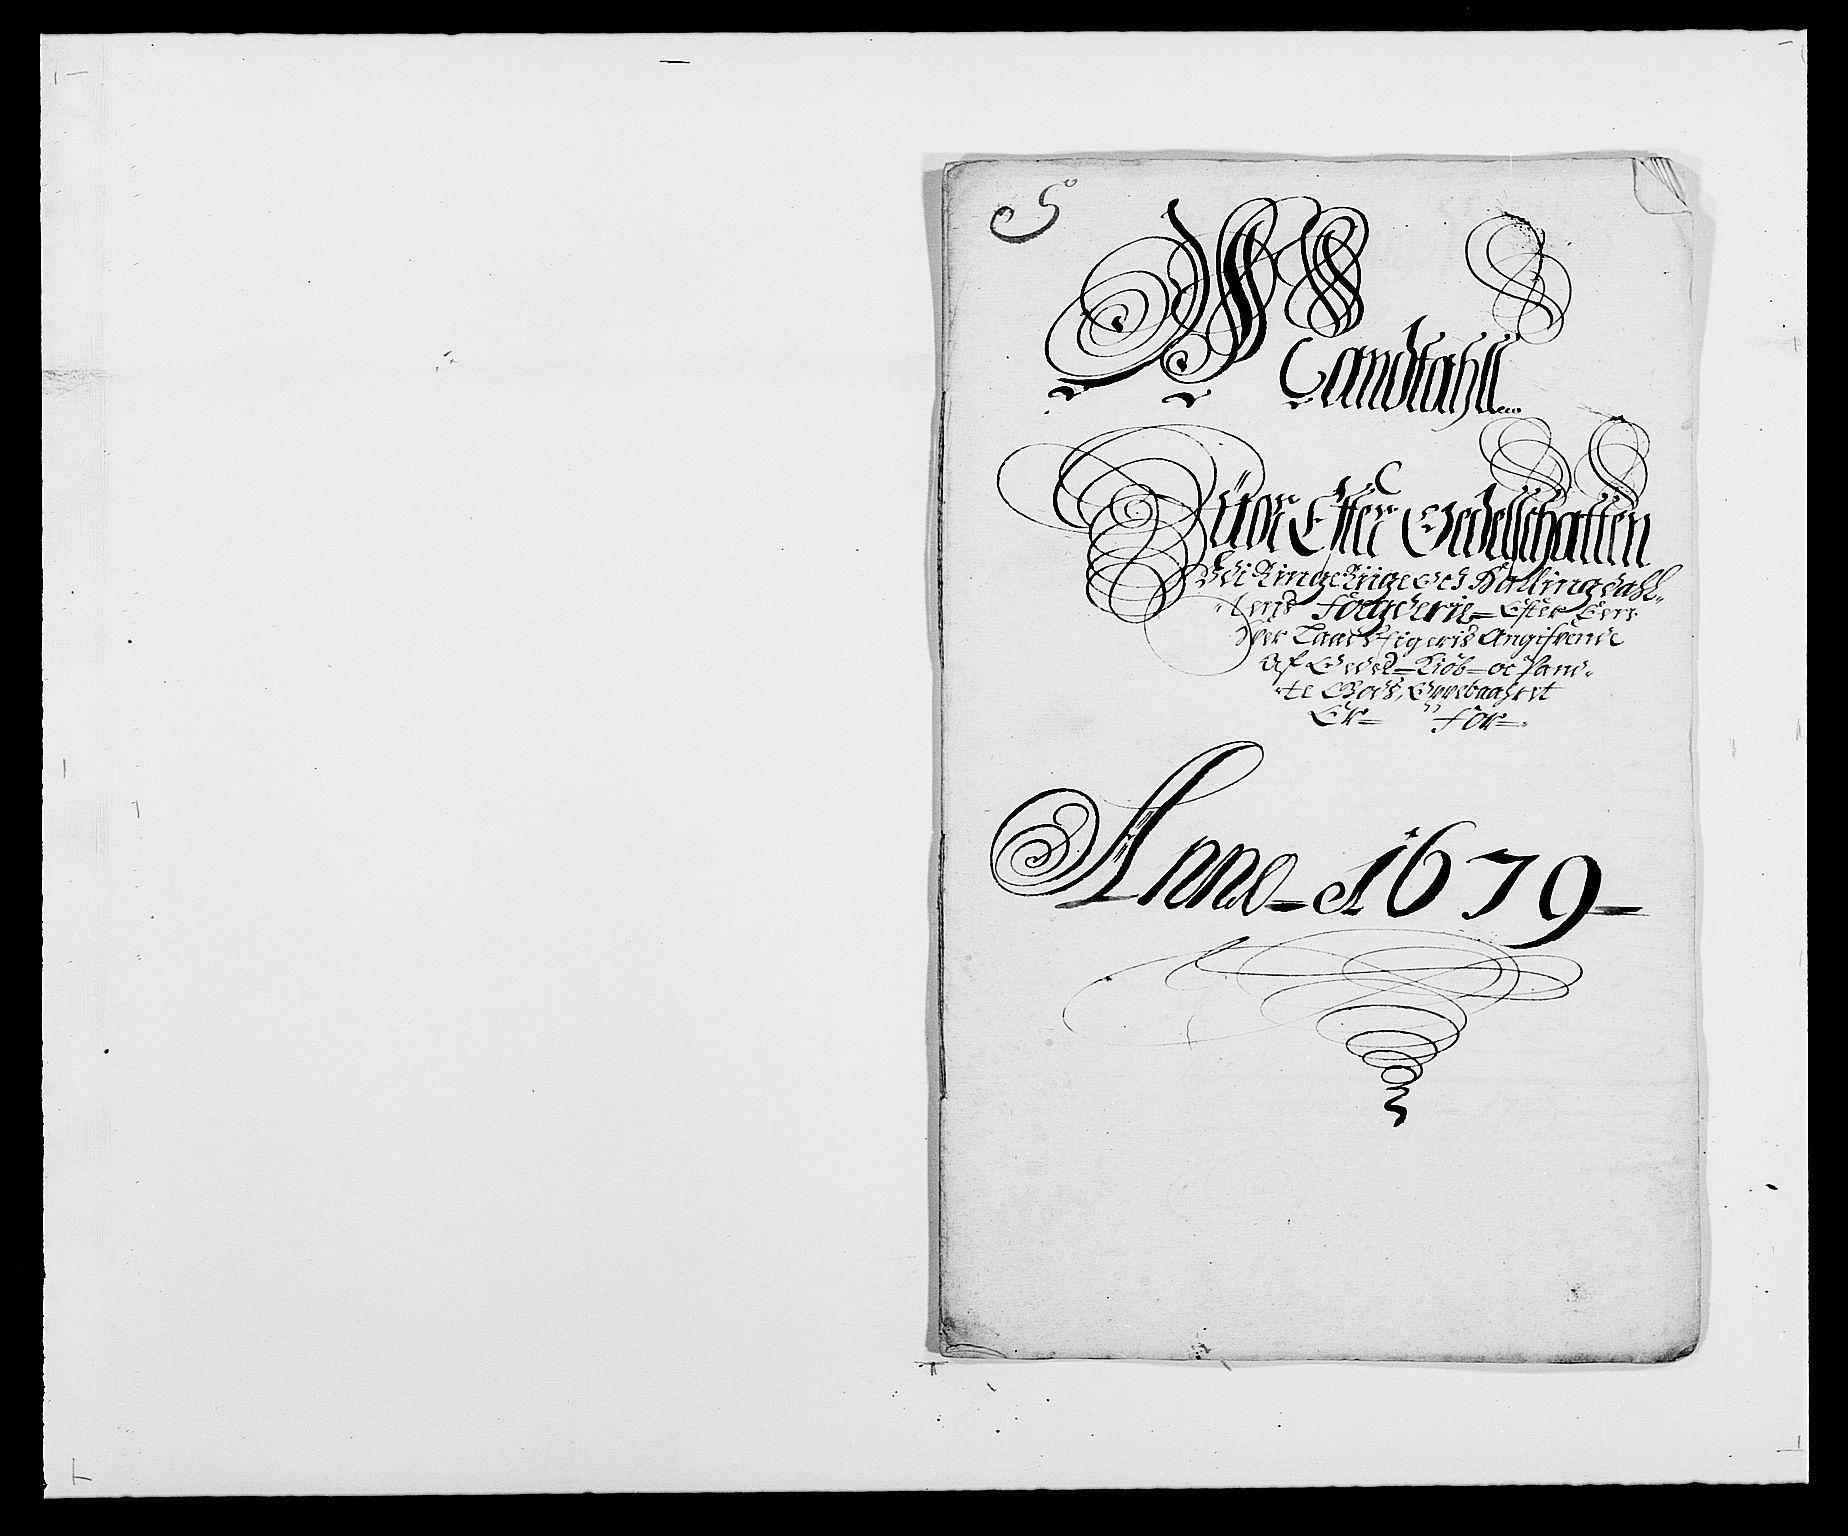 RA, Rentekammeret inntil 1814, Reviderte regnskaper, Fogderegnskap, R21/L1443: Fogderegnskap Ringerike og Hallingdal, 1678-1680, s. 296